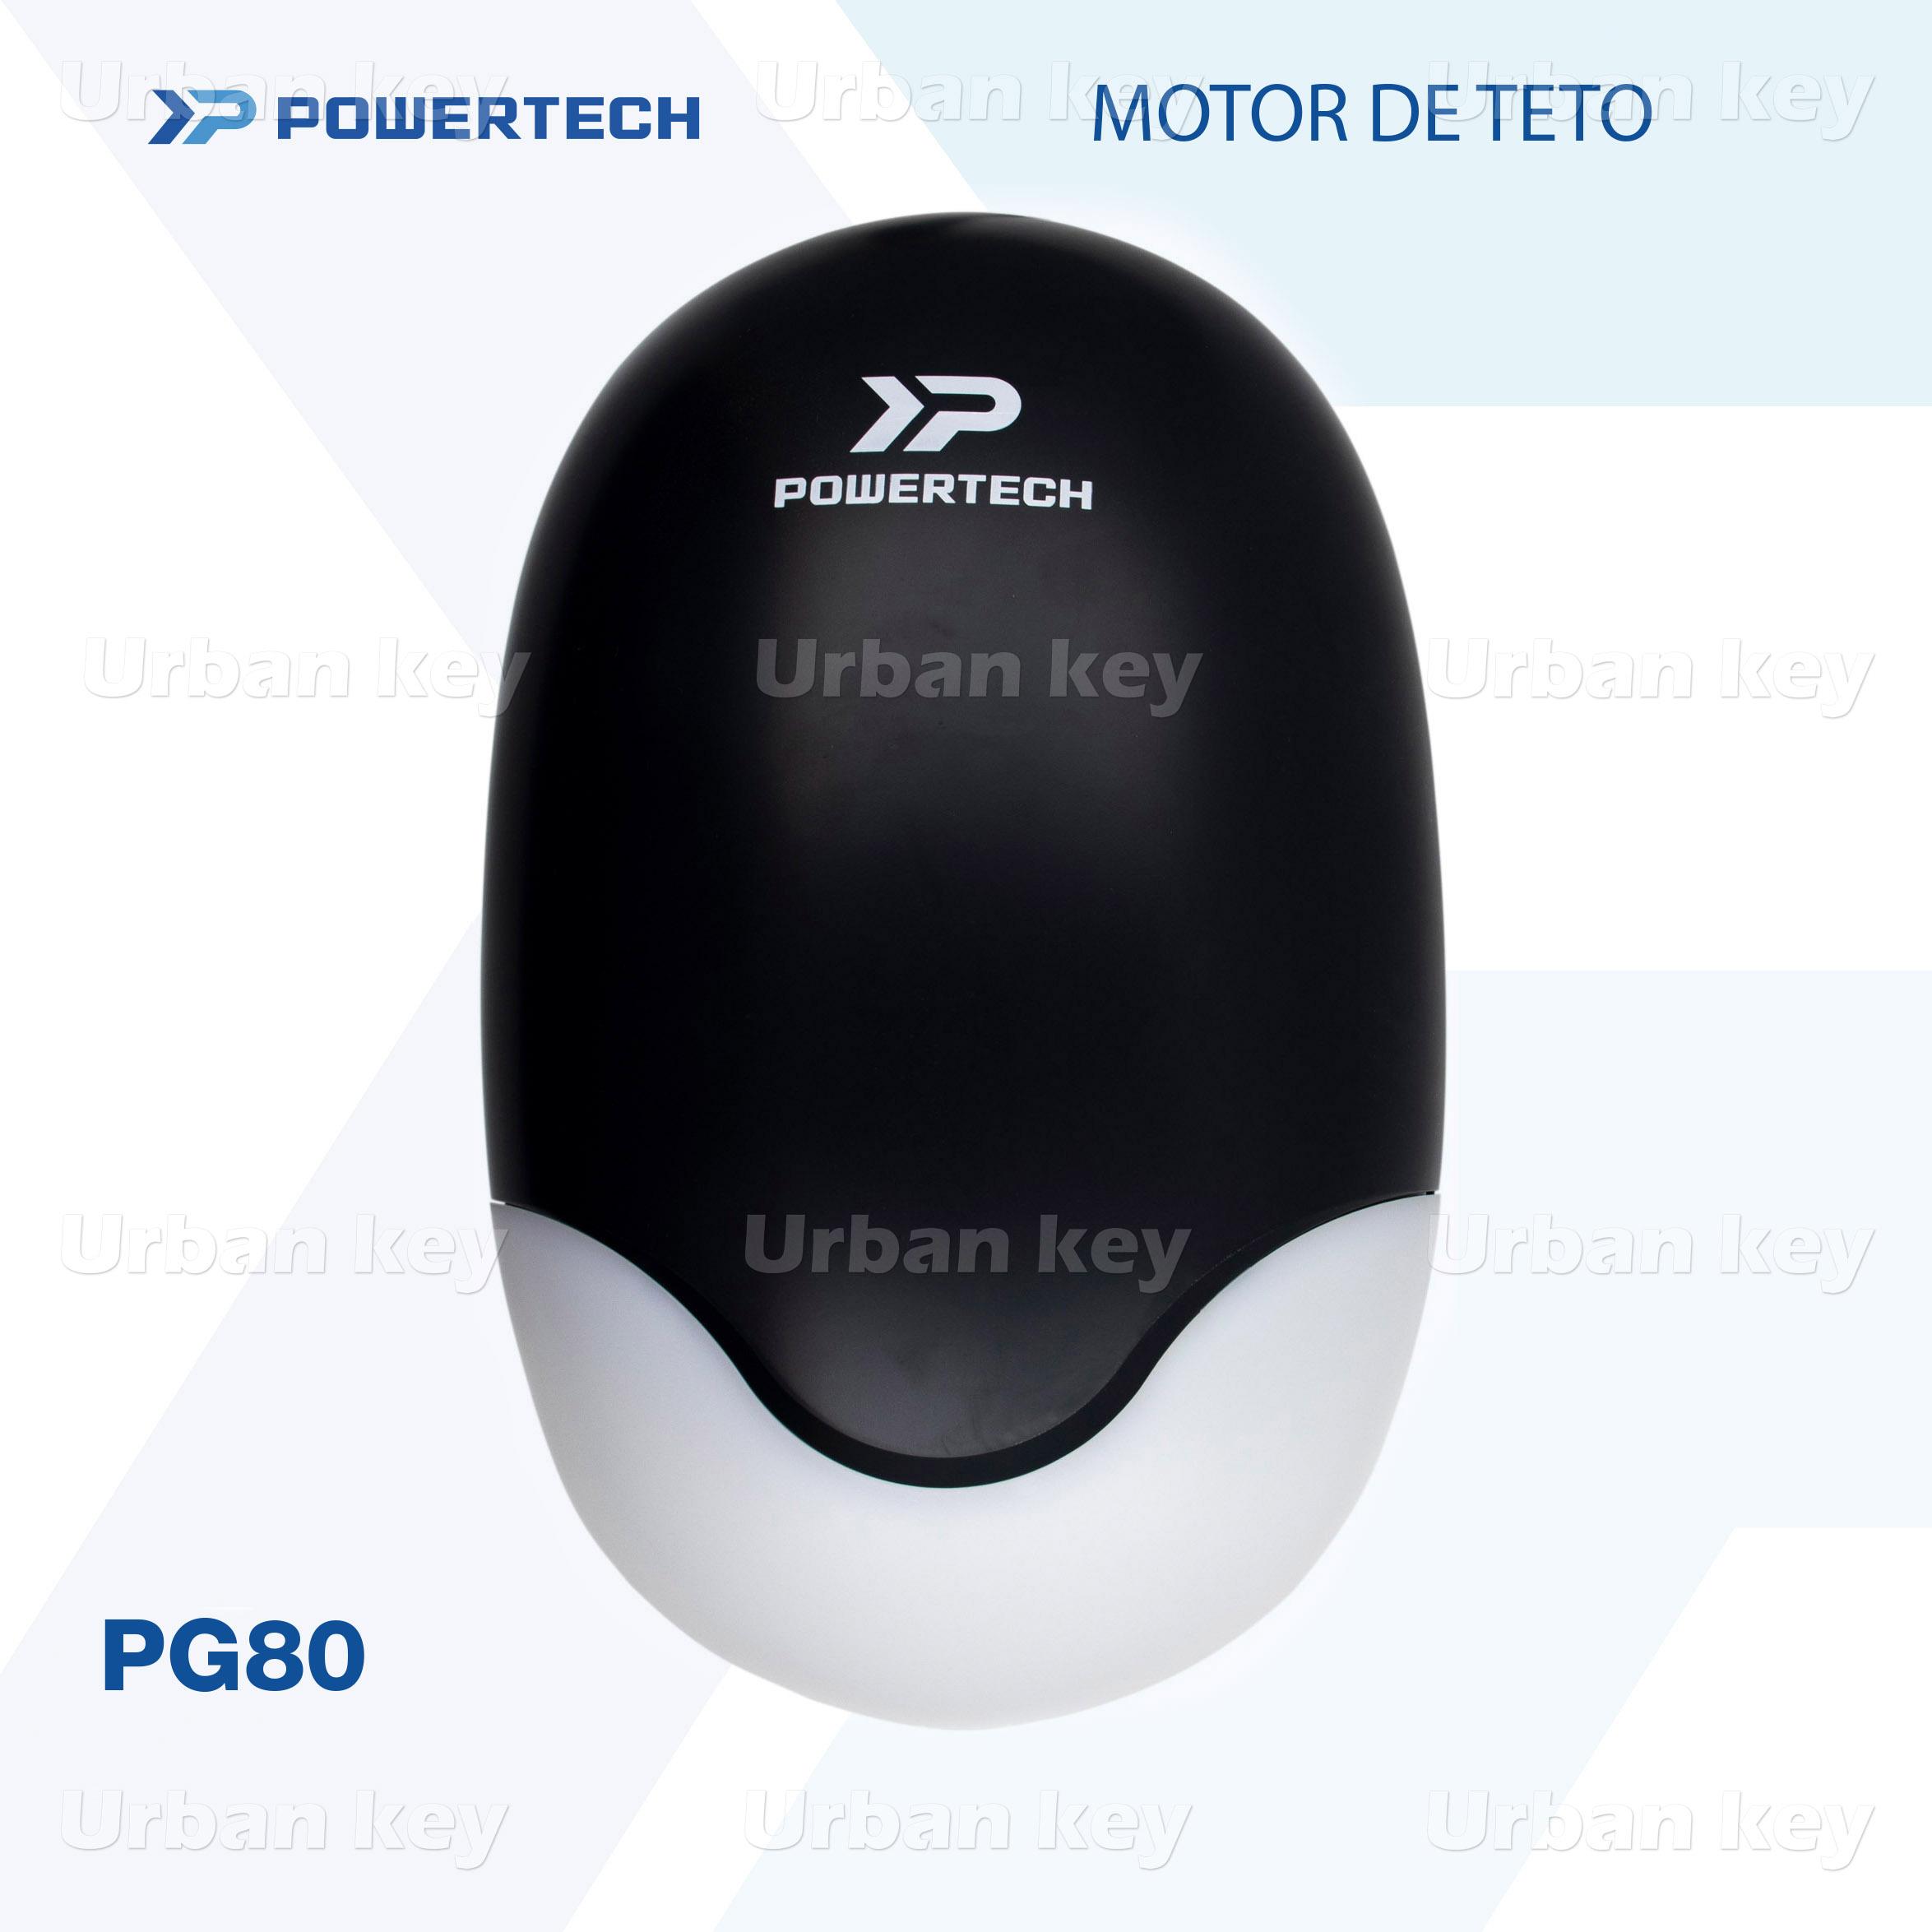 MOTOR DE TETO POWERTECH PG80 800N